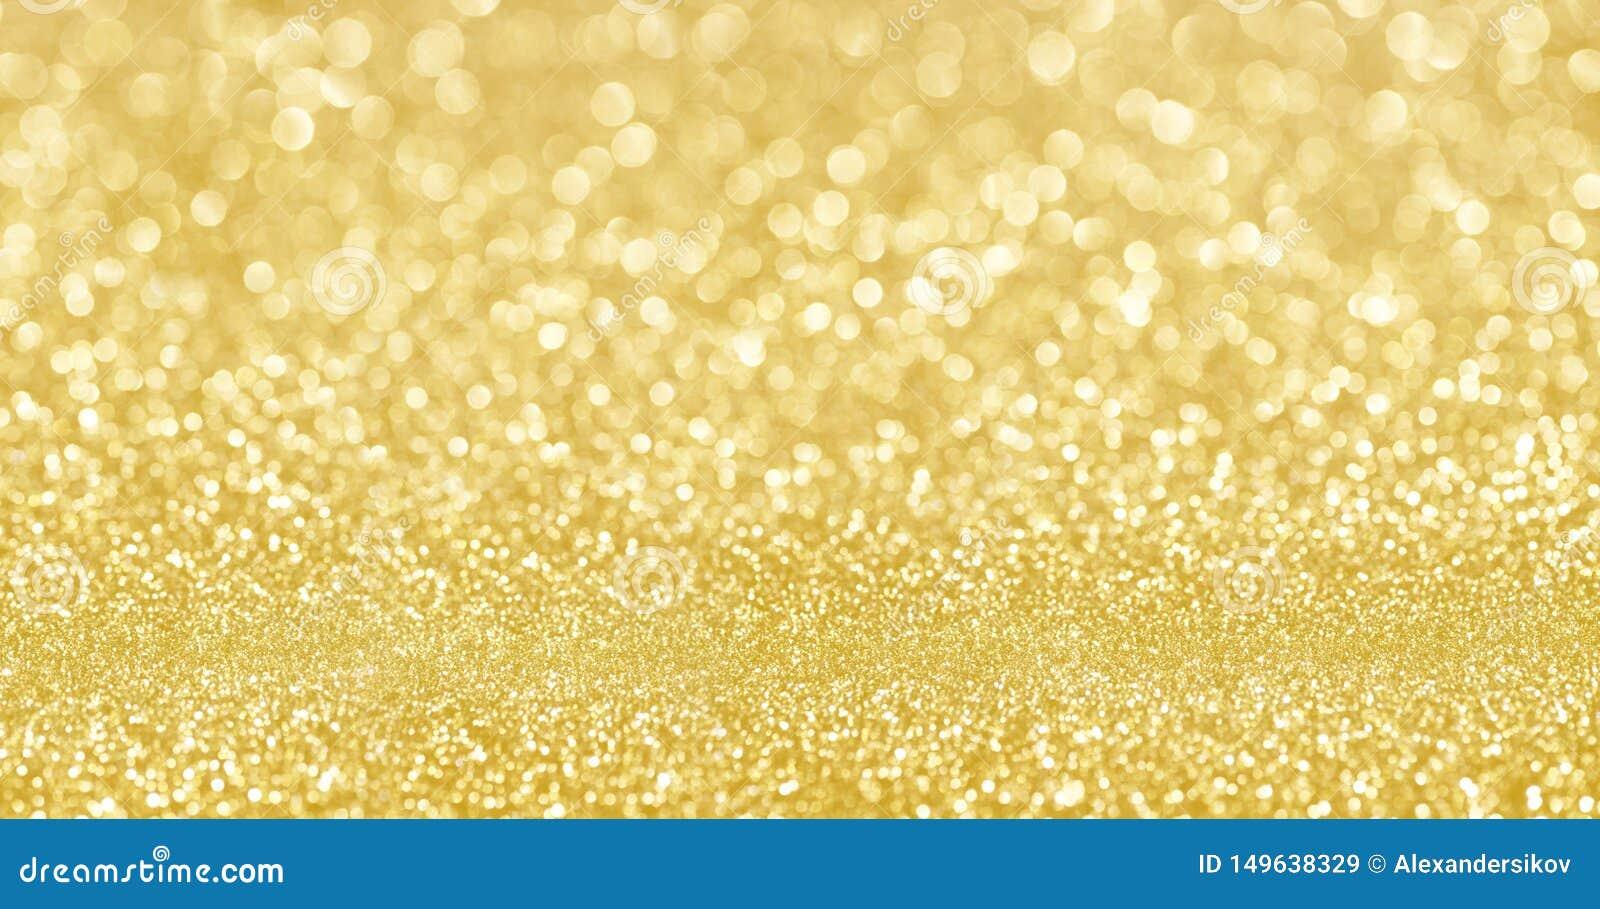 Золотой confetti текстуры яркого блеска shimmer конструировал предпосылку